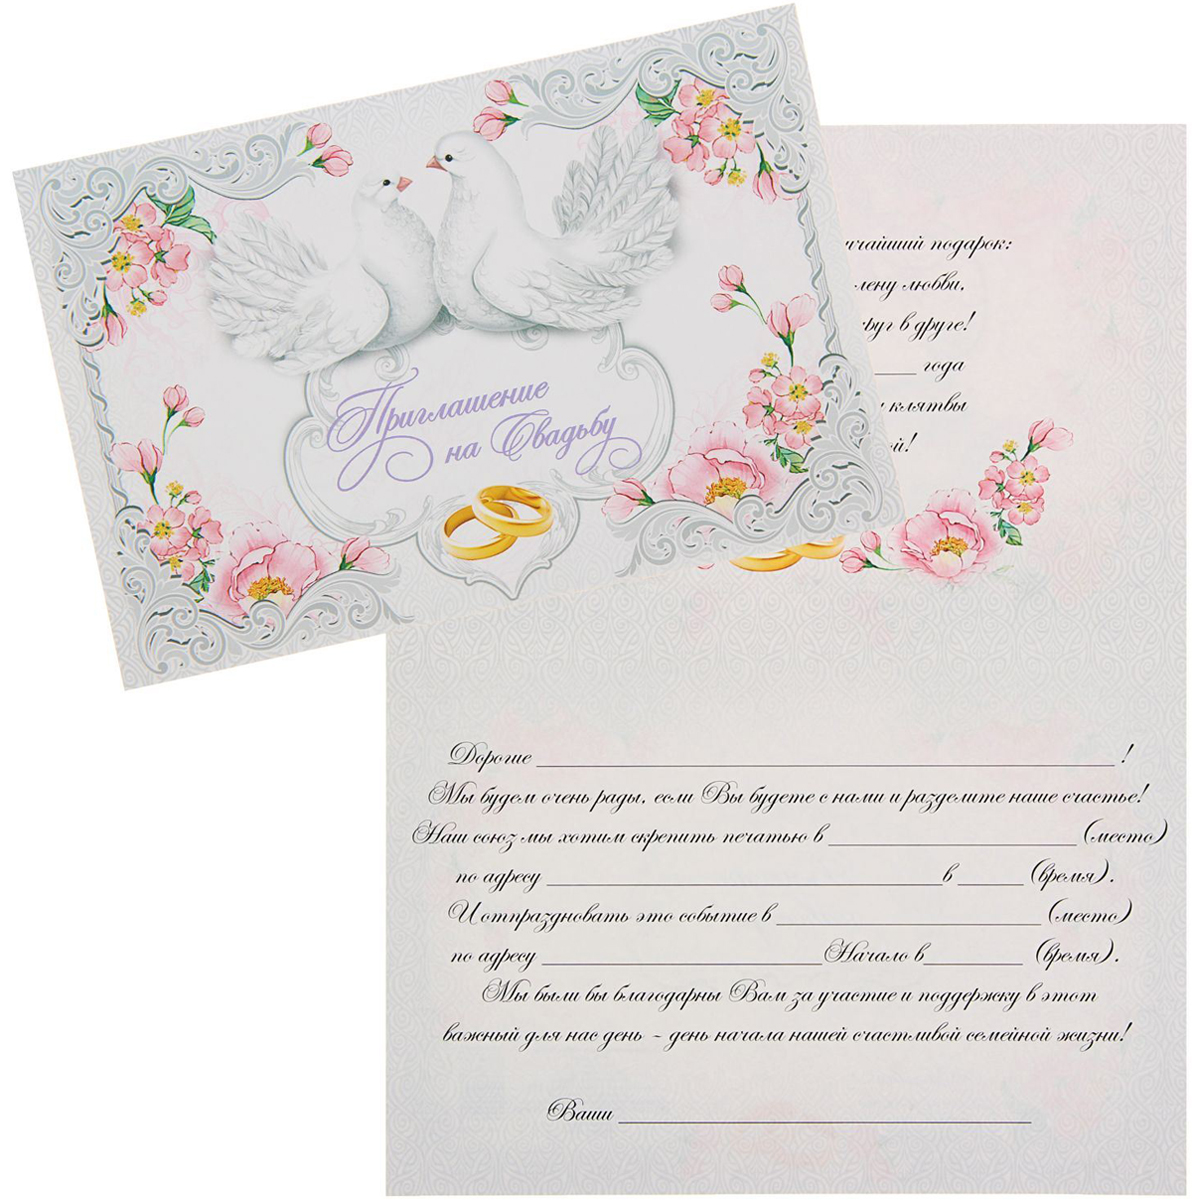 Приглашение на свадьбу Свадьба вашей мечты Голуби, 18 х 12 см1333776У вас намечается свадьба? Поздравляем от всей души! Когда дата и время бракосочетания уже известны, и вы определились со списком гостей, необходимо оповестить их о предстоящем празднике. Существует традиция делать персональные приглашения с указанием времени и даты мероприятия. Но перед свадьбой столько всего надо успеть, что на изготовление десятков открыток просто не остаётся времени. В этом случае вам придёт на помощь разработанное нашими дизайнерами приглашение на свадьбу . на обратной стороне расположен текст со свободными полями для имени адресата, времени, даты и адреса проведения мероприятия. Мы продумали все детали, вам остаётся только заполнить необходимые строки и раздать приглашения гостям. Устройте себе незабываемую свадьбу!